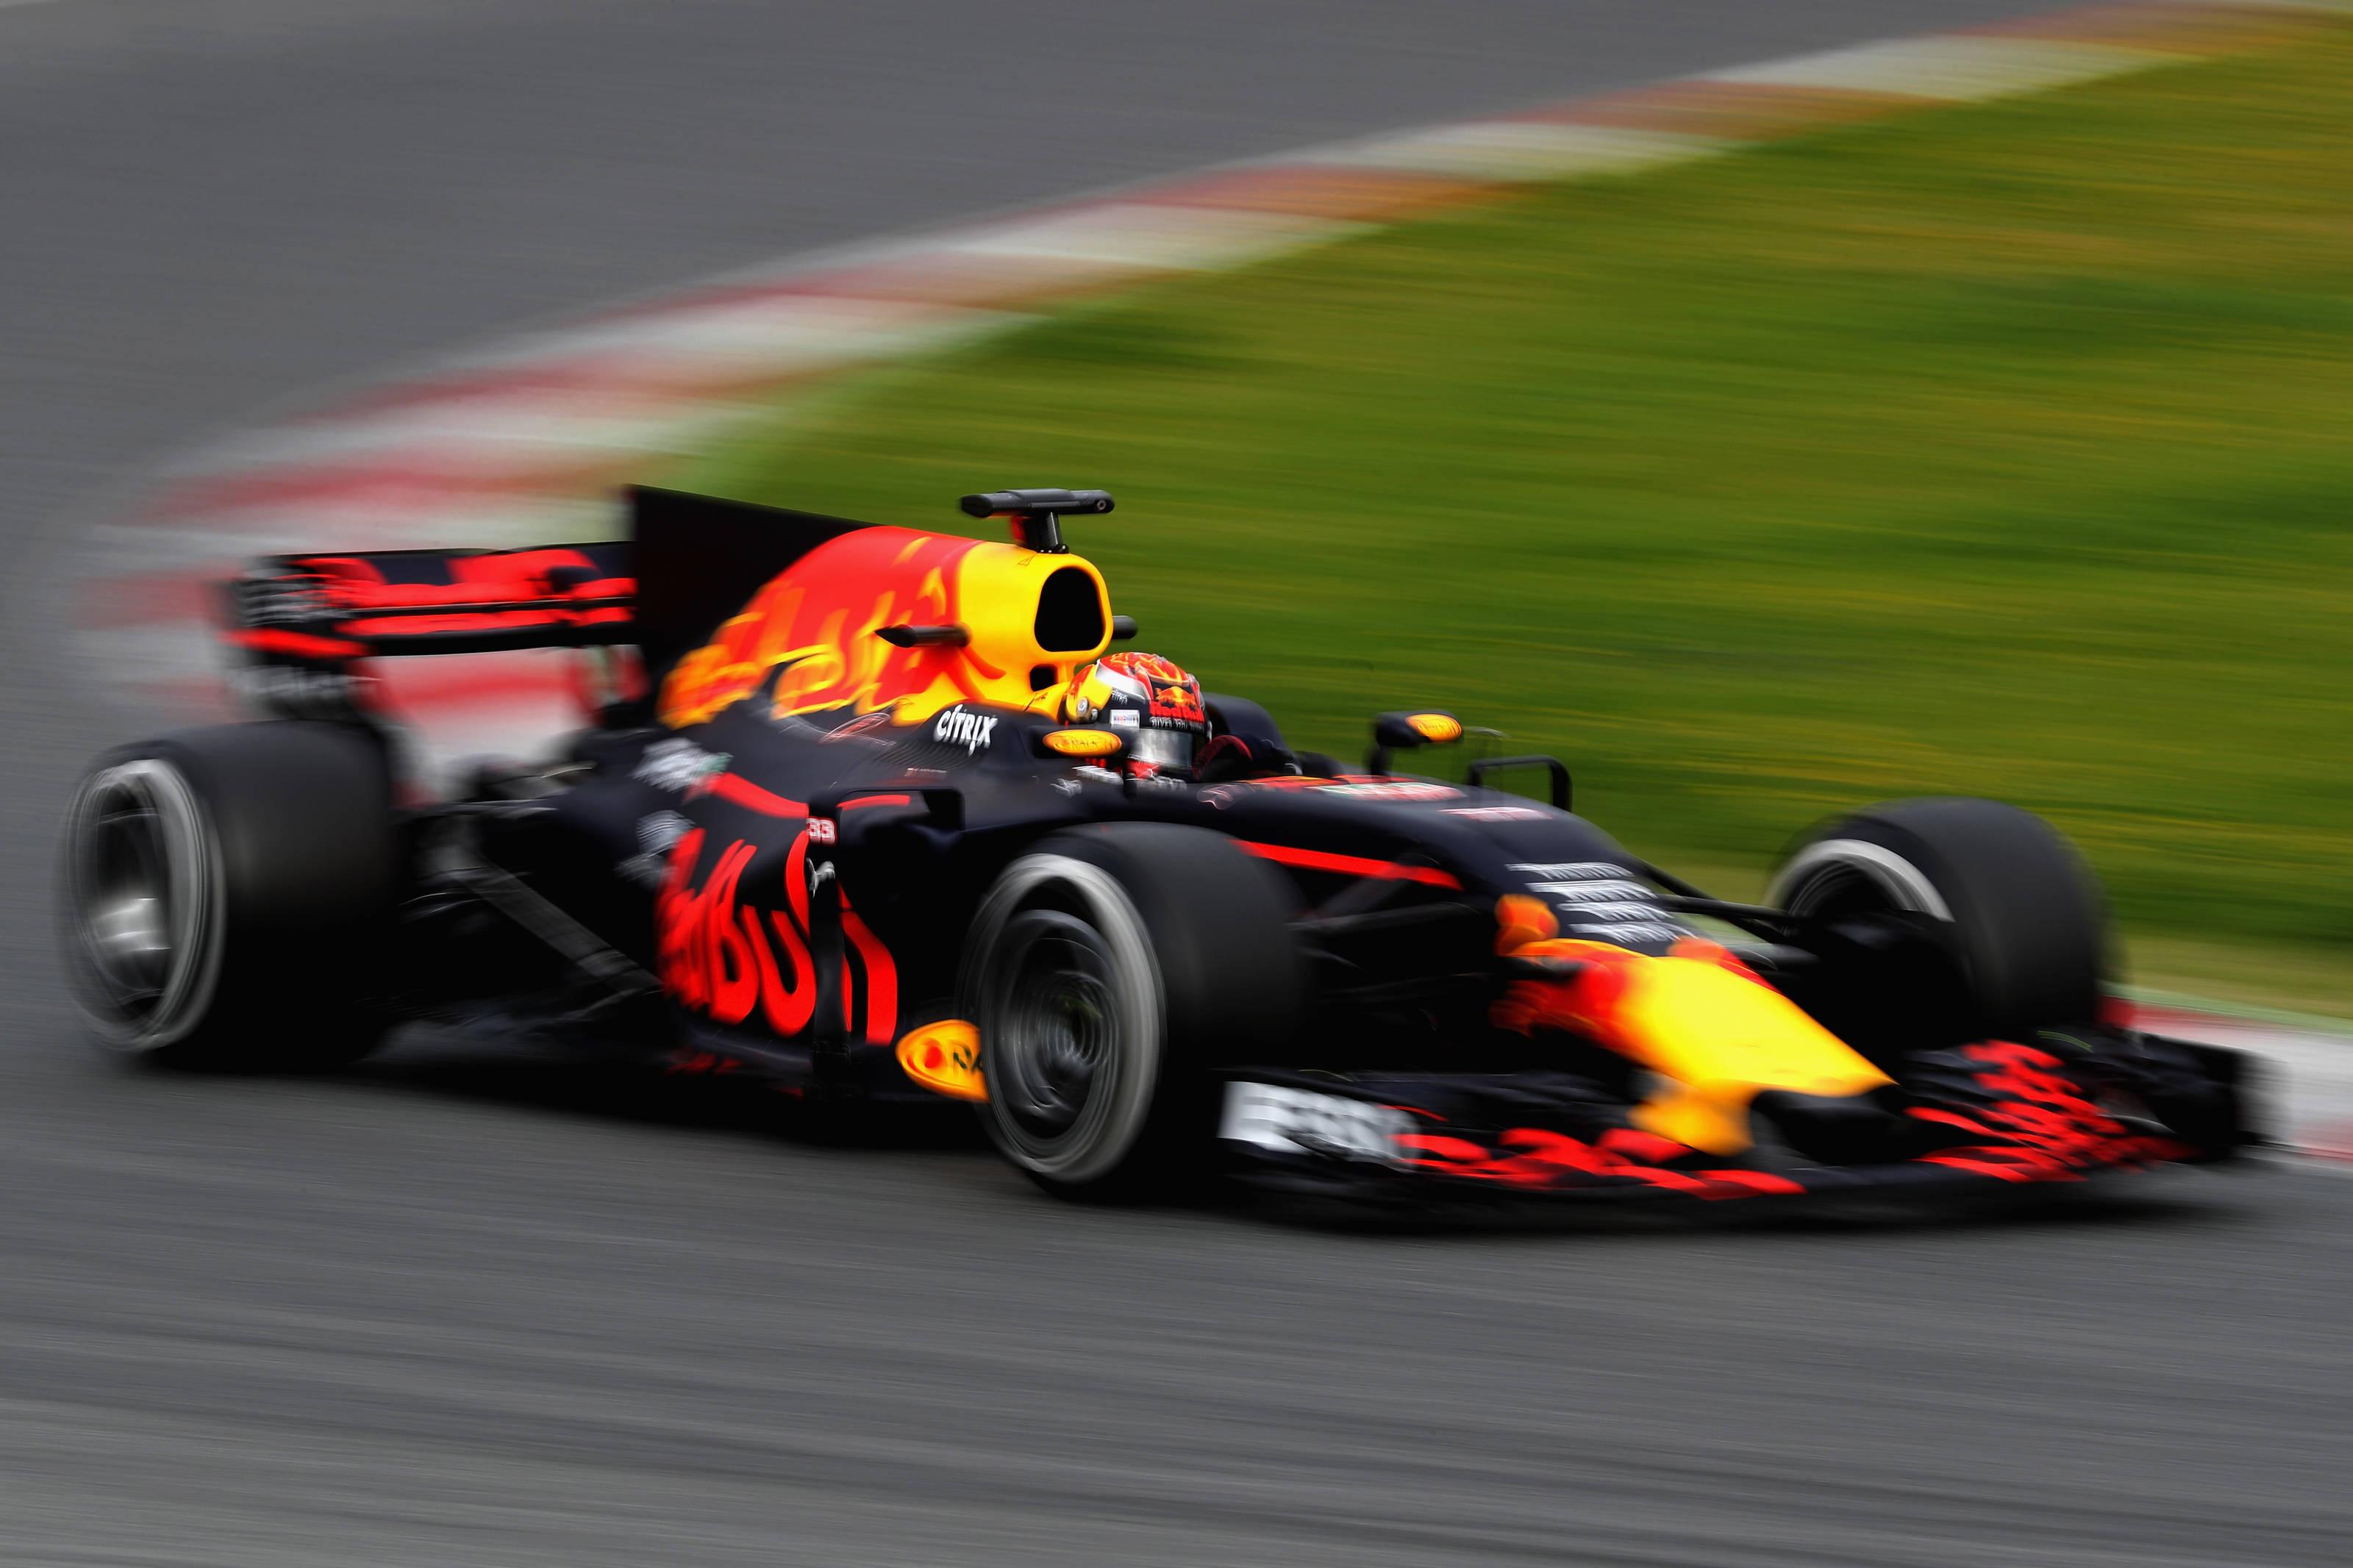 Airbus Iphone Wallpaper Zien Max Verstappen Racet Eerste Rondjes In De Red Bull